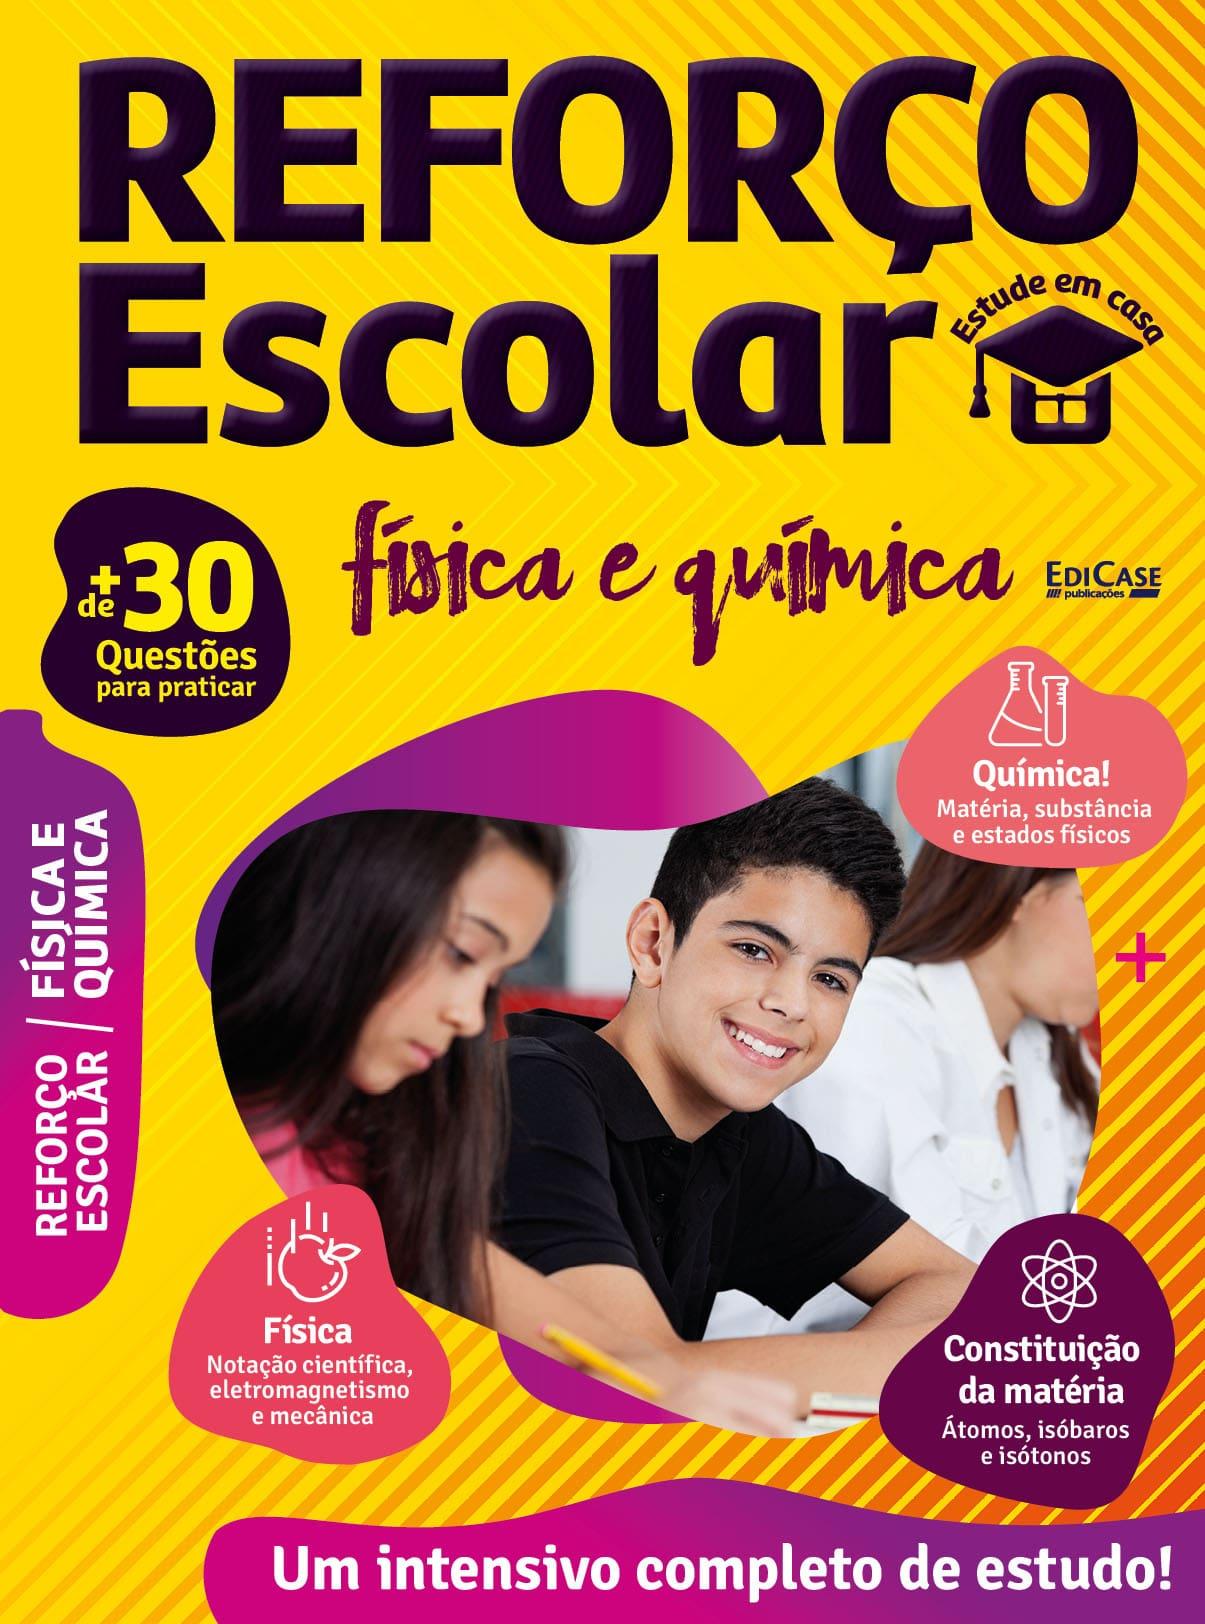 Reforço Escolar - Estude em Casa Ed. 04 - Física e Química  - EdiCase Publicações